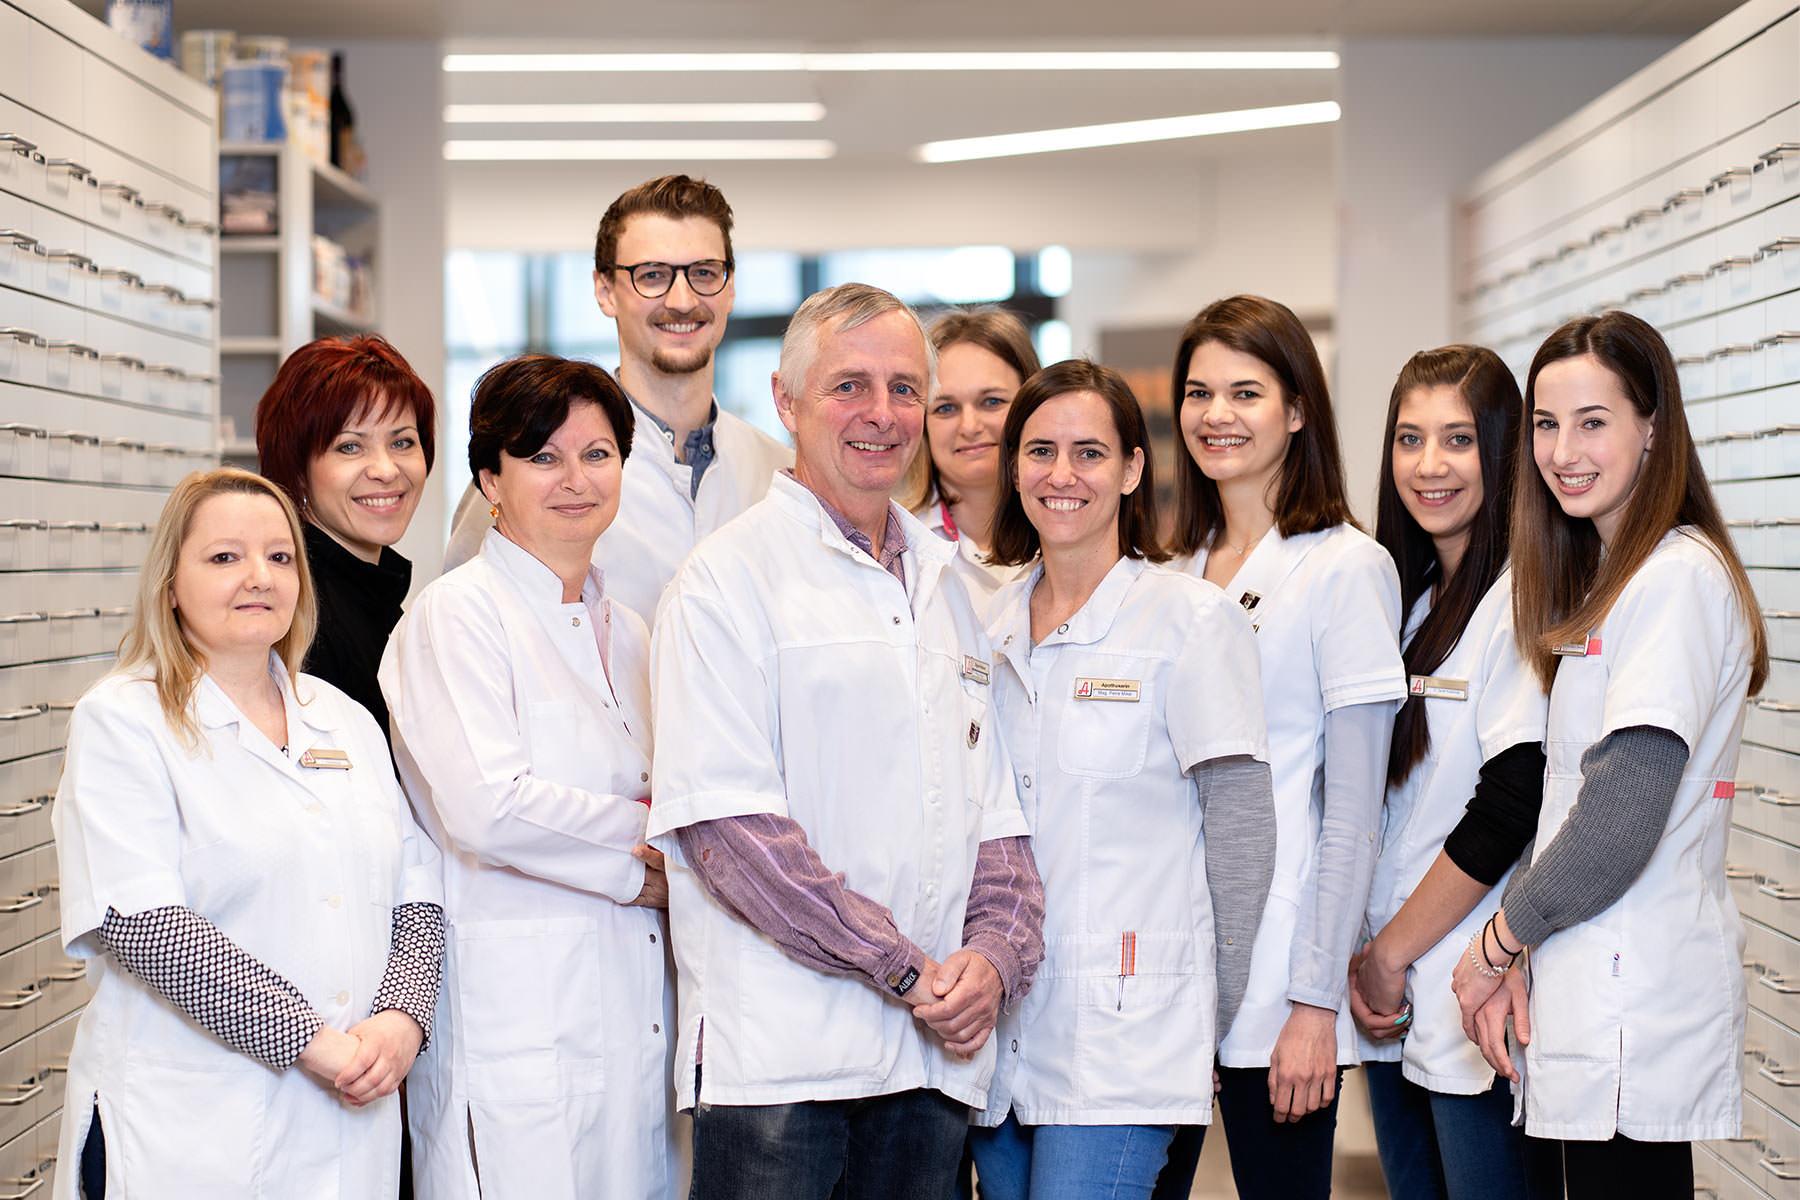 teamfoto-mitarbeiterporträts-klagenfurt-apotheke